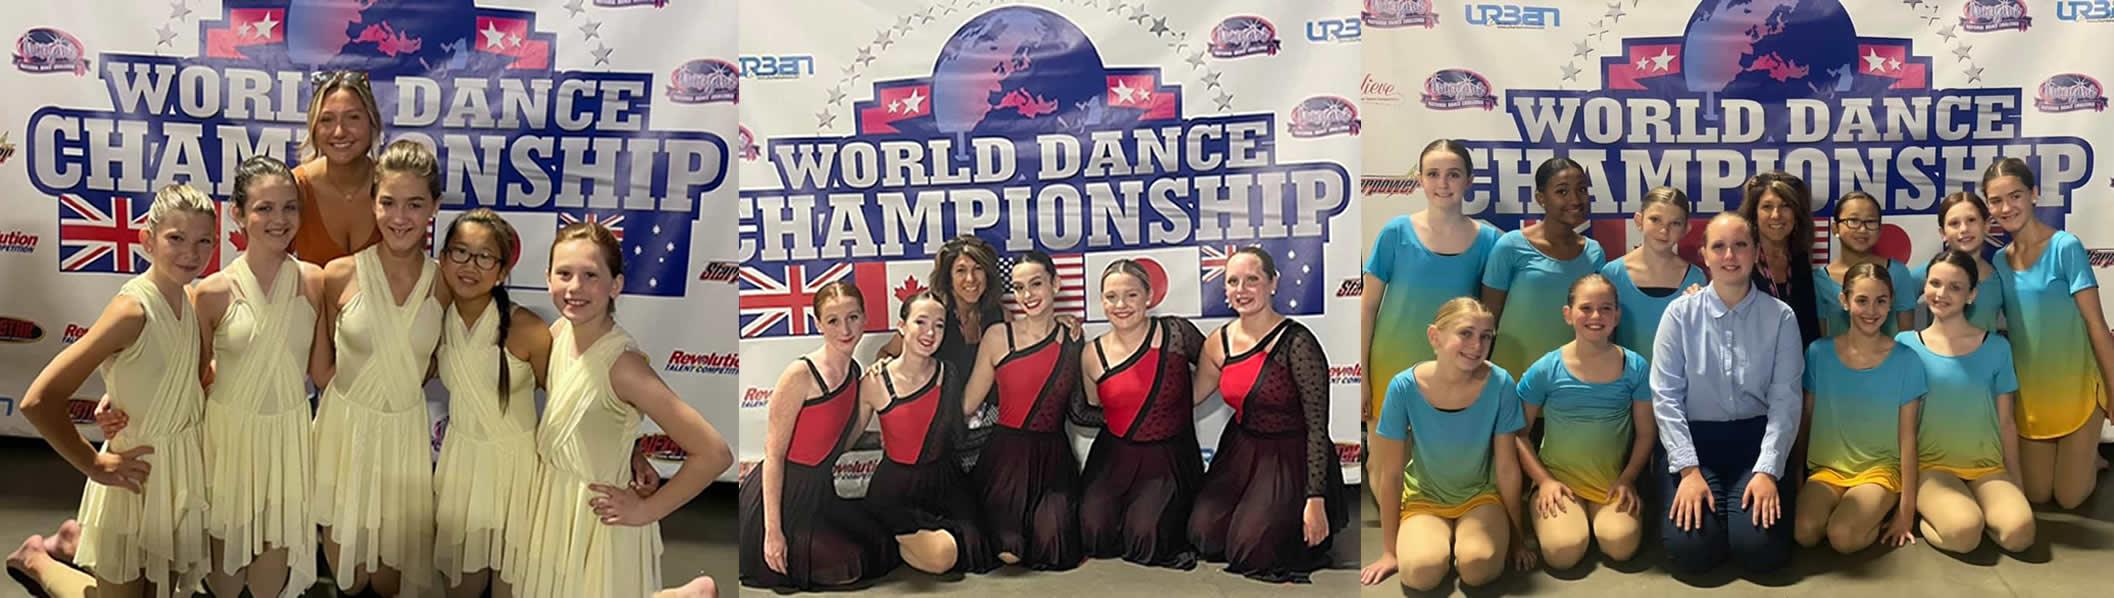 World Dance Champs participants